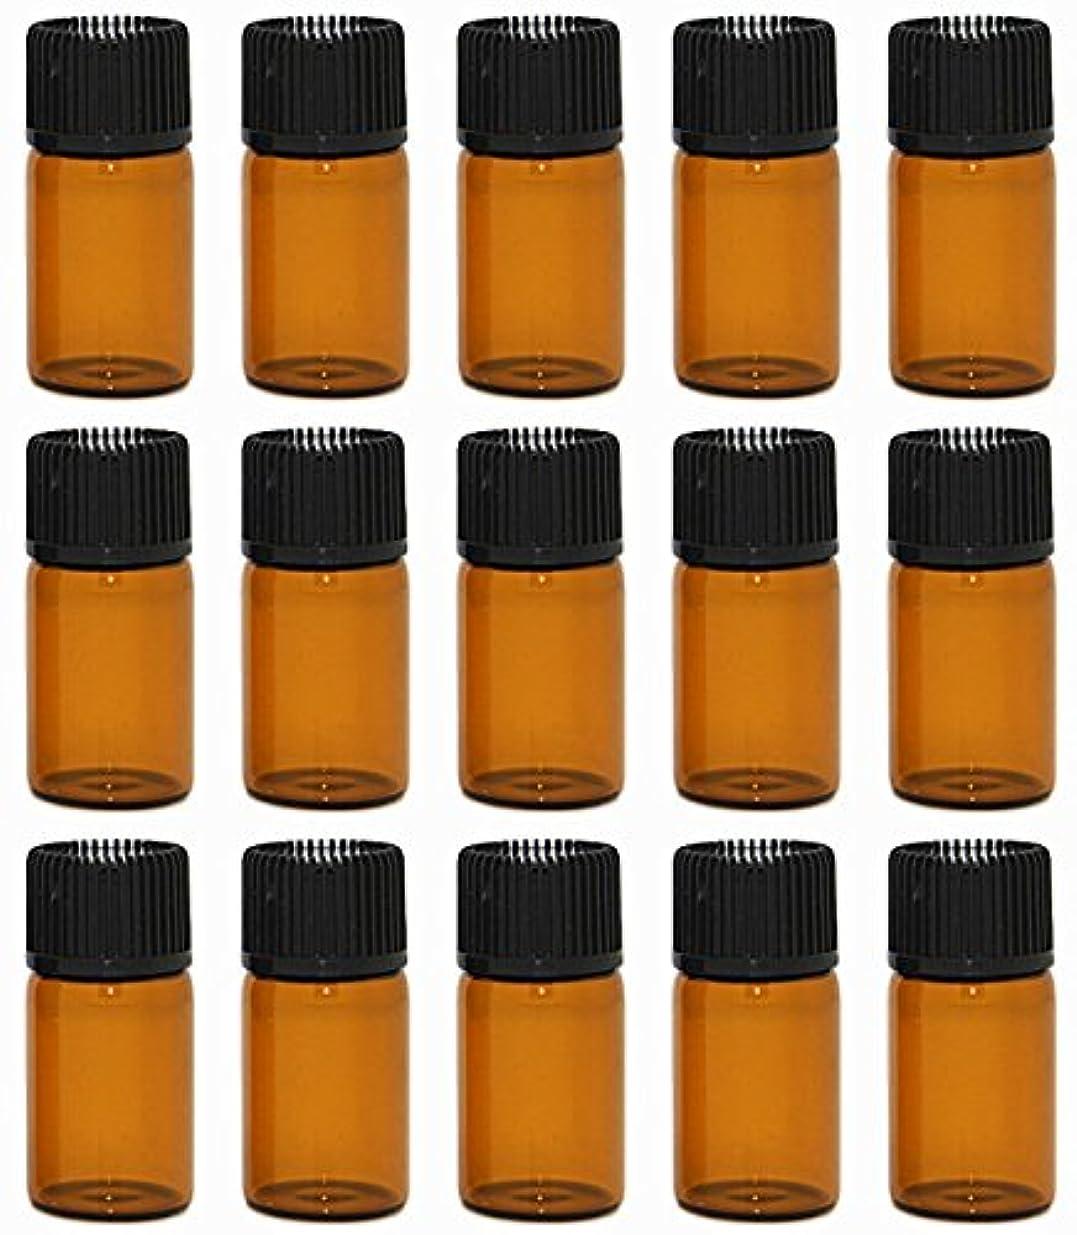 そう有利くるくる【Rurumi】アロマオイル 精油 小分け用 遮光瓶 セット 茶 ガラス アロマ ボトル オイル 用 茶色 瓶 ビン エッセンシャルオイル 保存 詰替え 瓶 ビン (3ml 15本 セット)